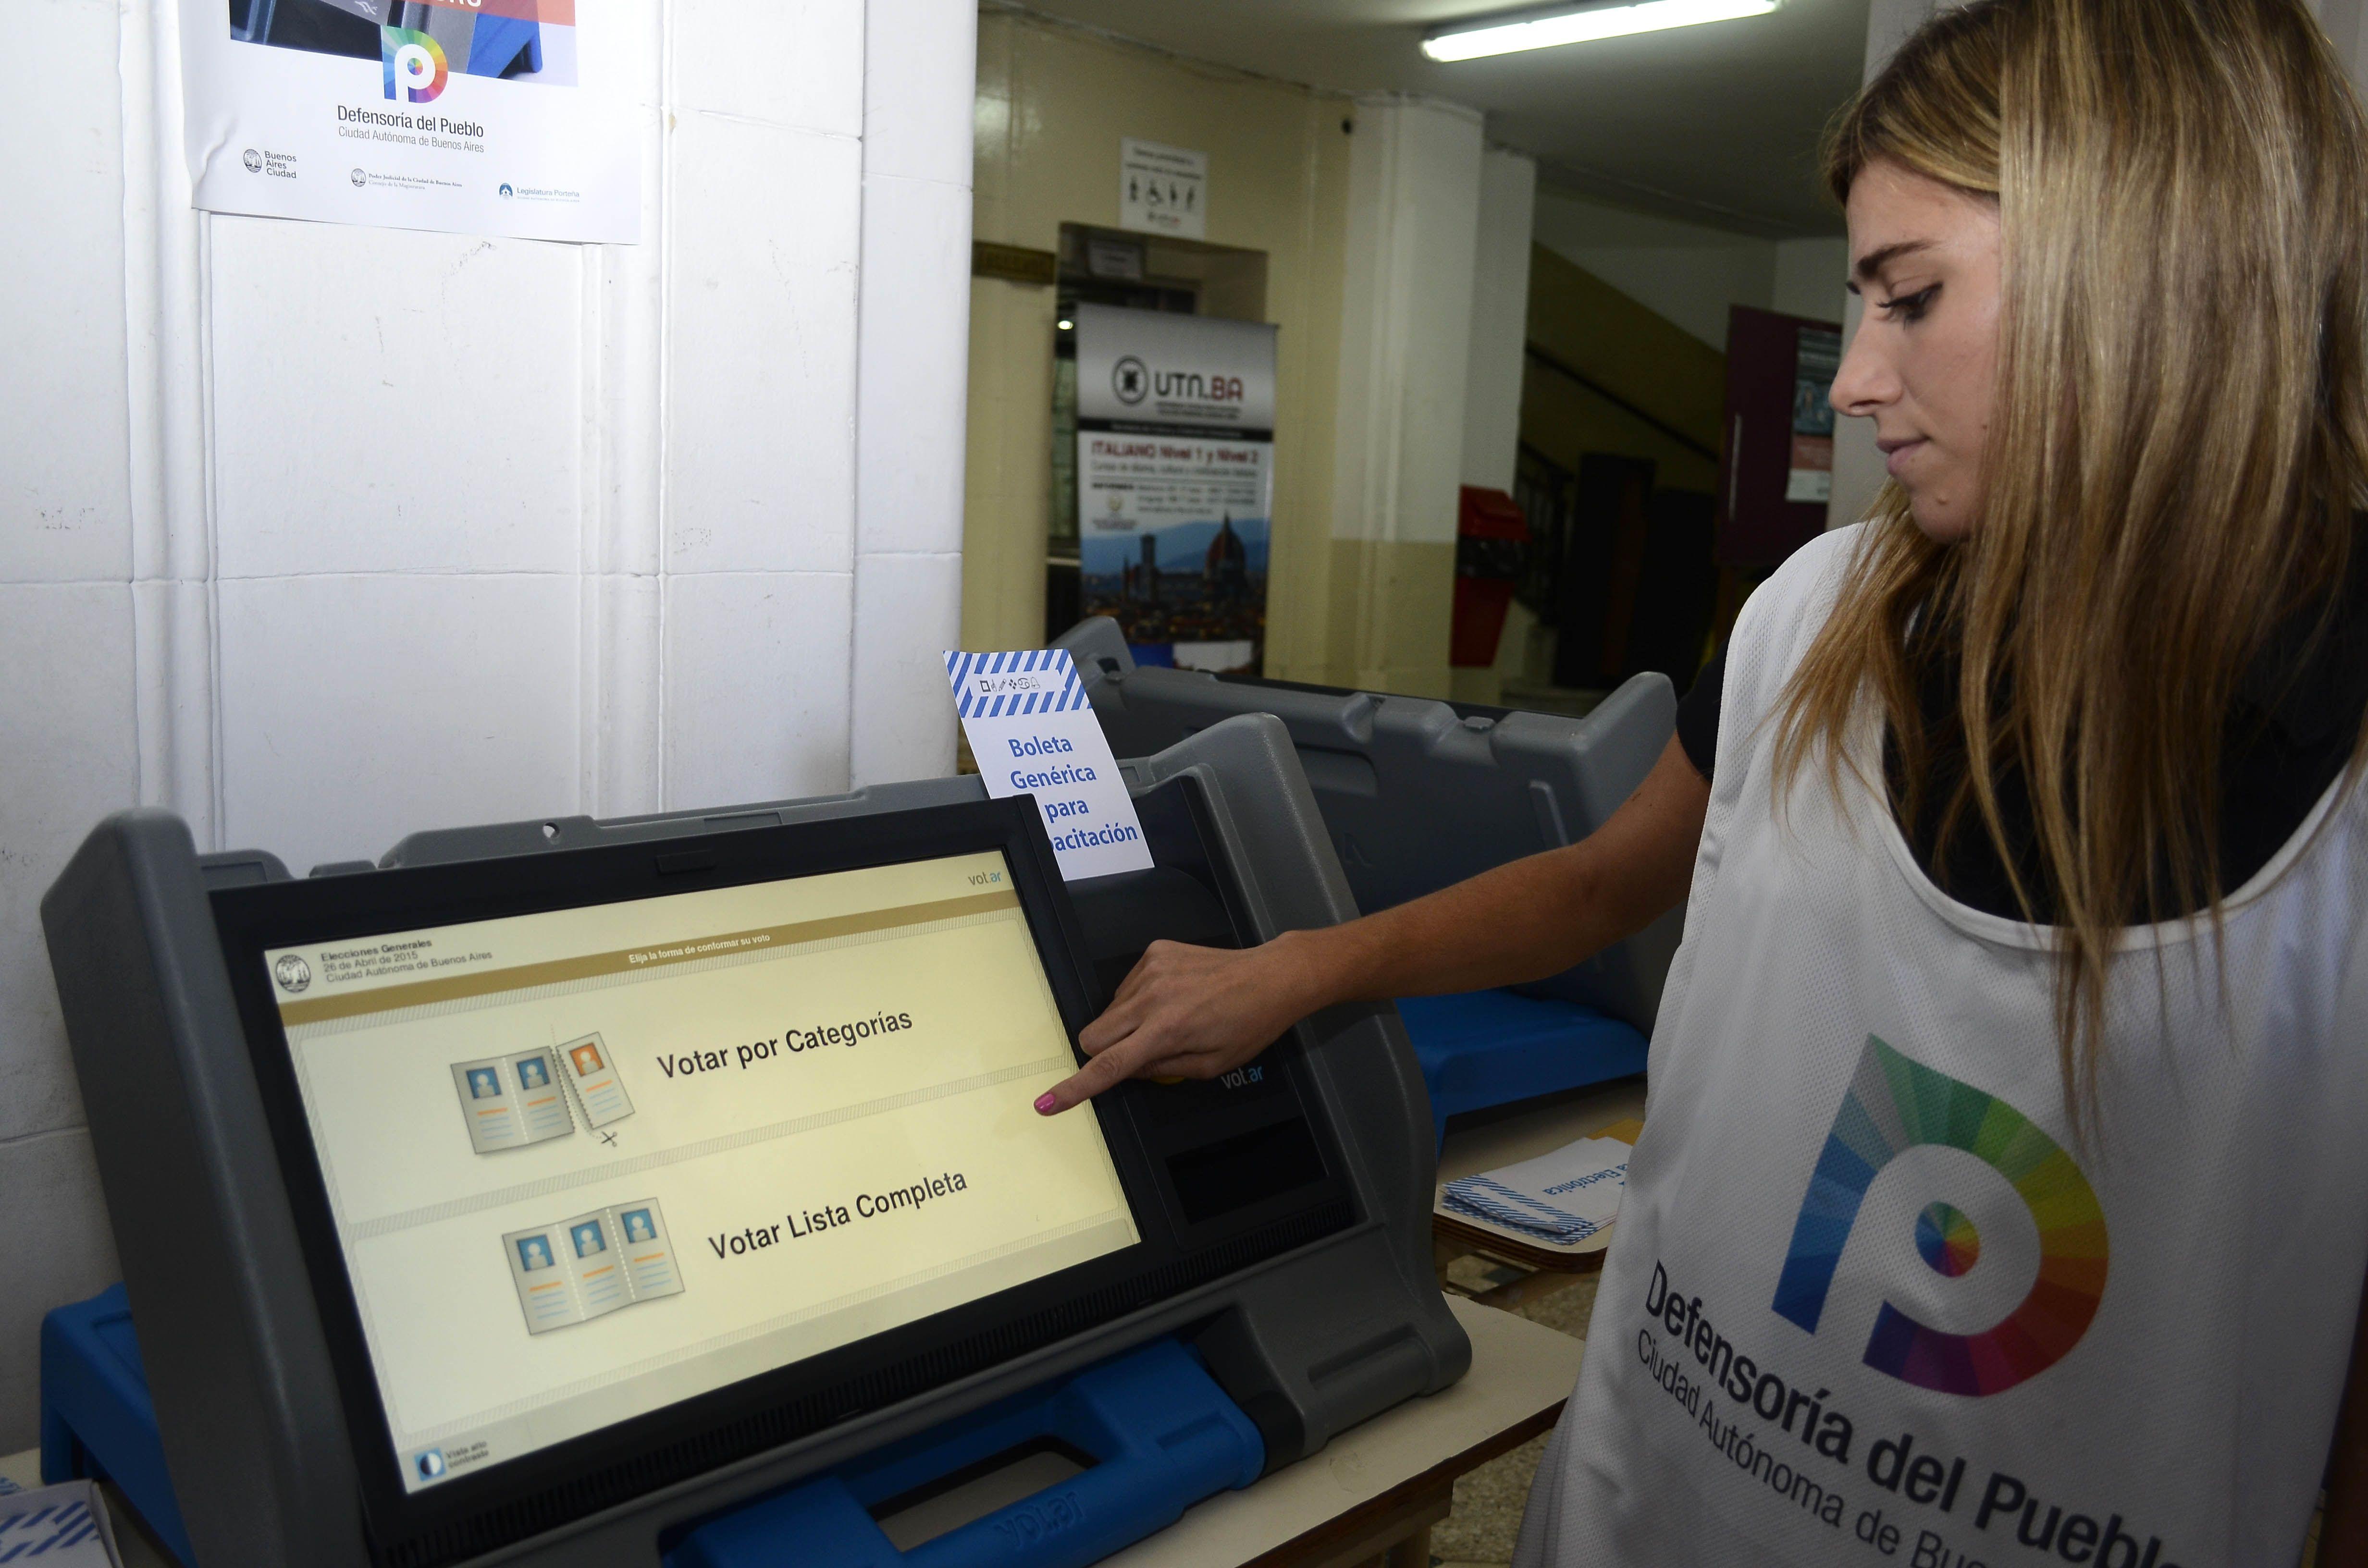 Finalmente, el voto electrónico se aplicará por etapas gradualmente